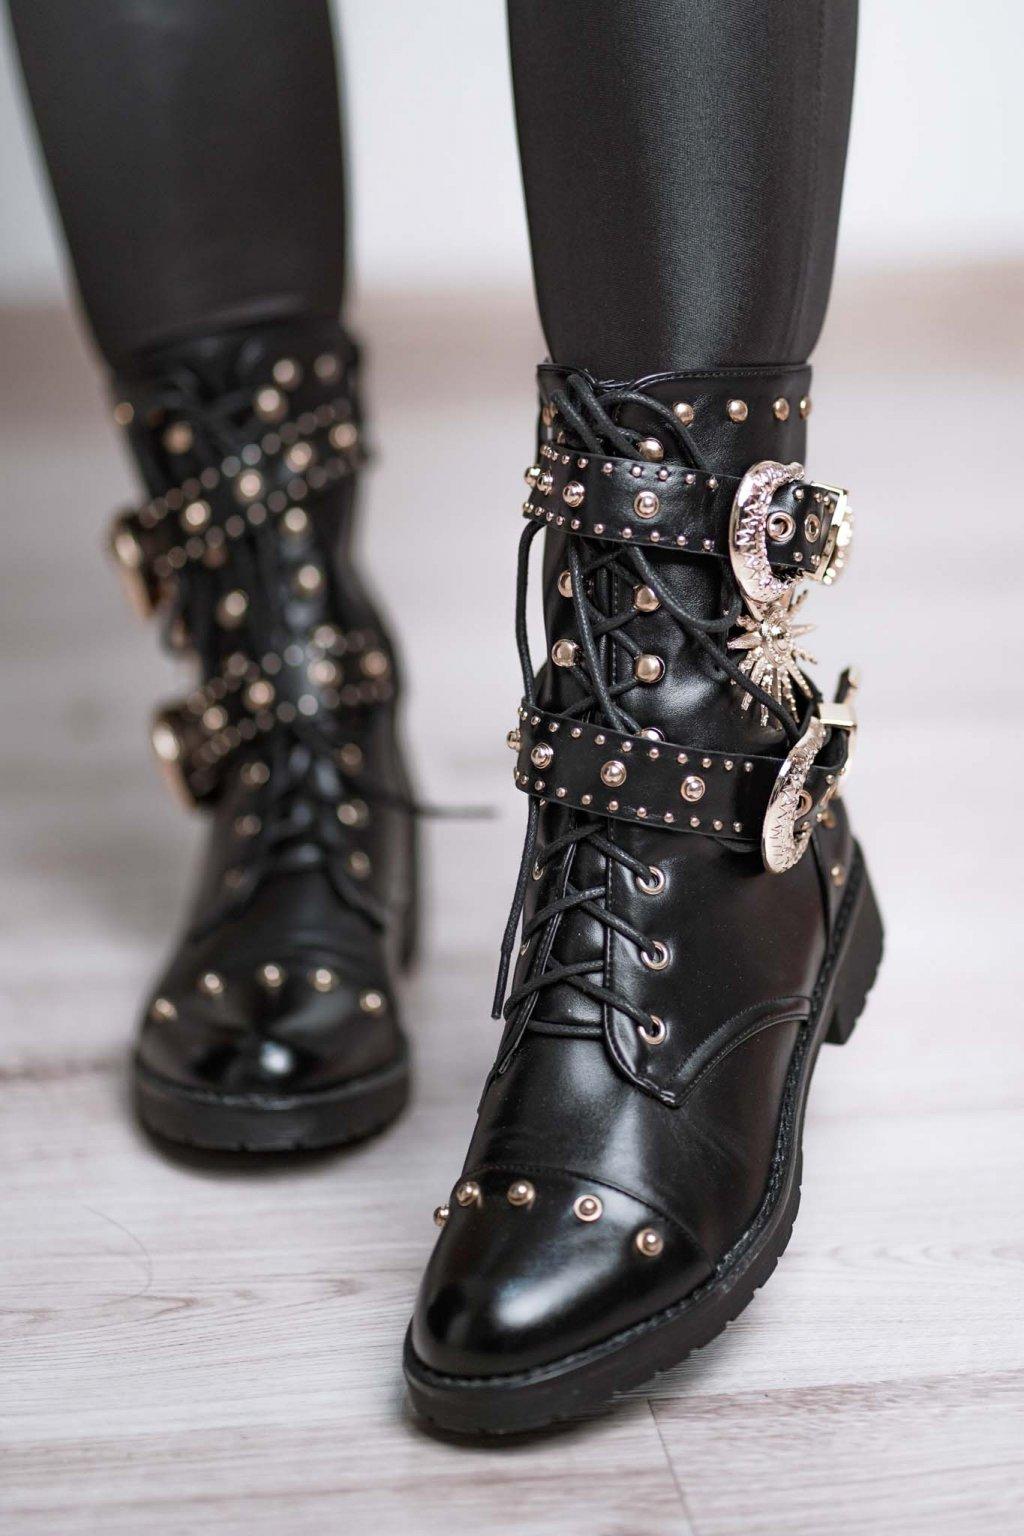 topánky, obuv, tenisky, botasky, lodičky, čižmy, šľapky, sandálky 367